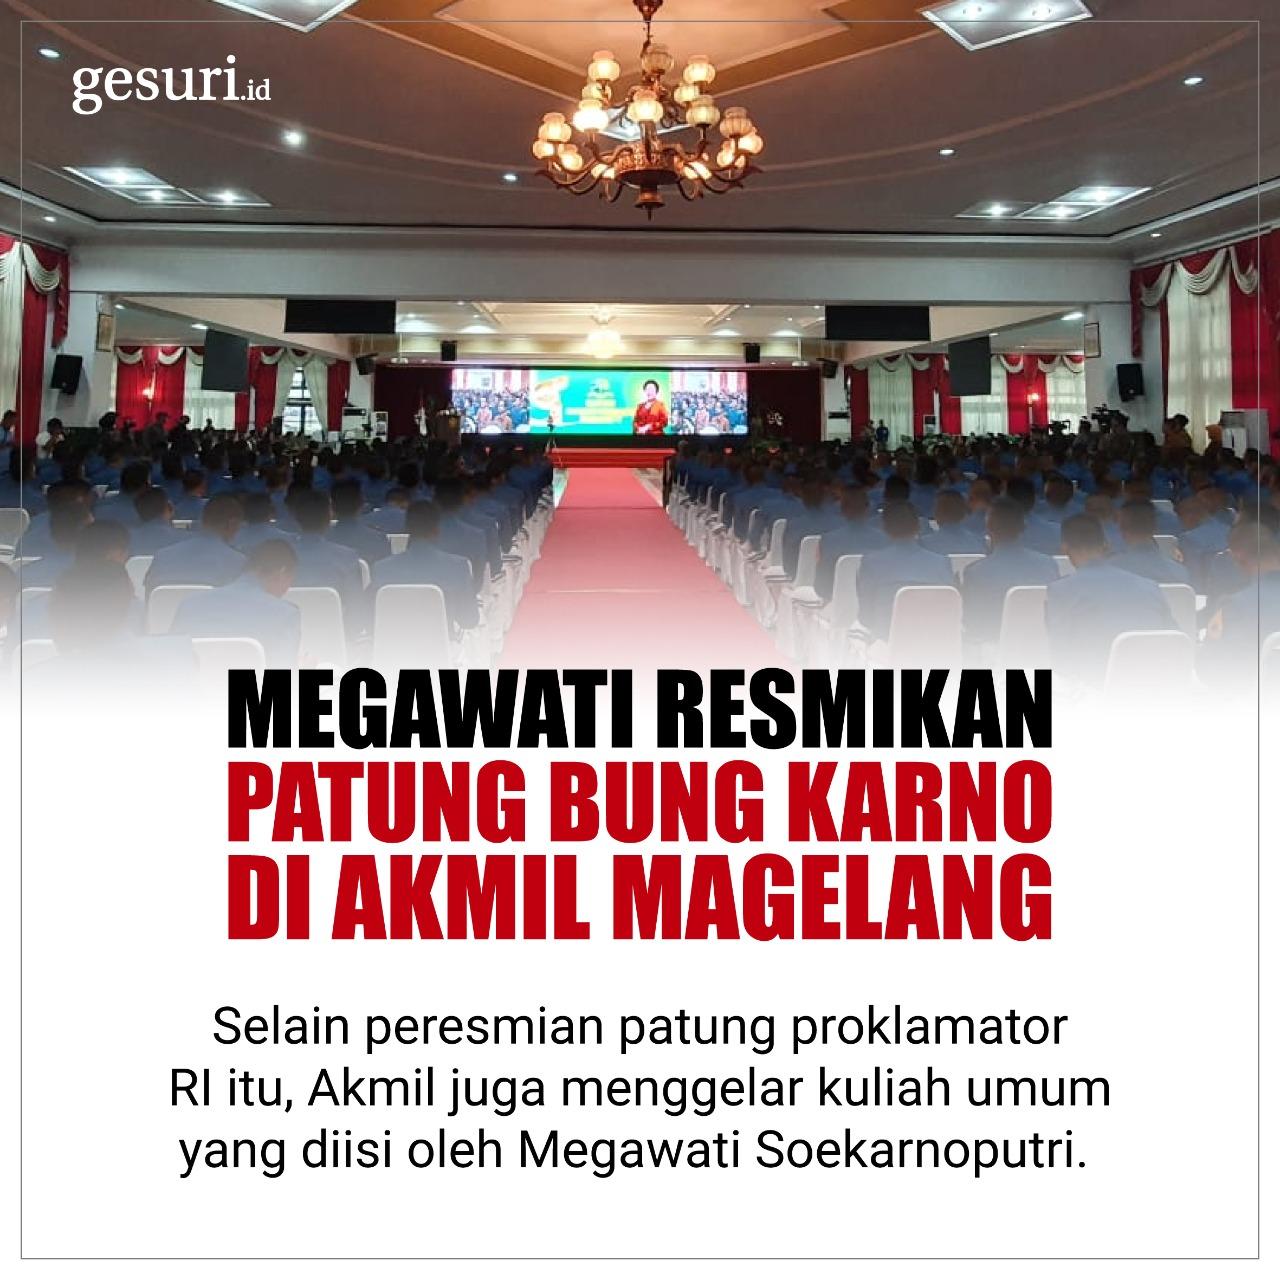 Megawati Resmikan Patung Bung Karno di Akmil Magelang